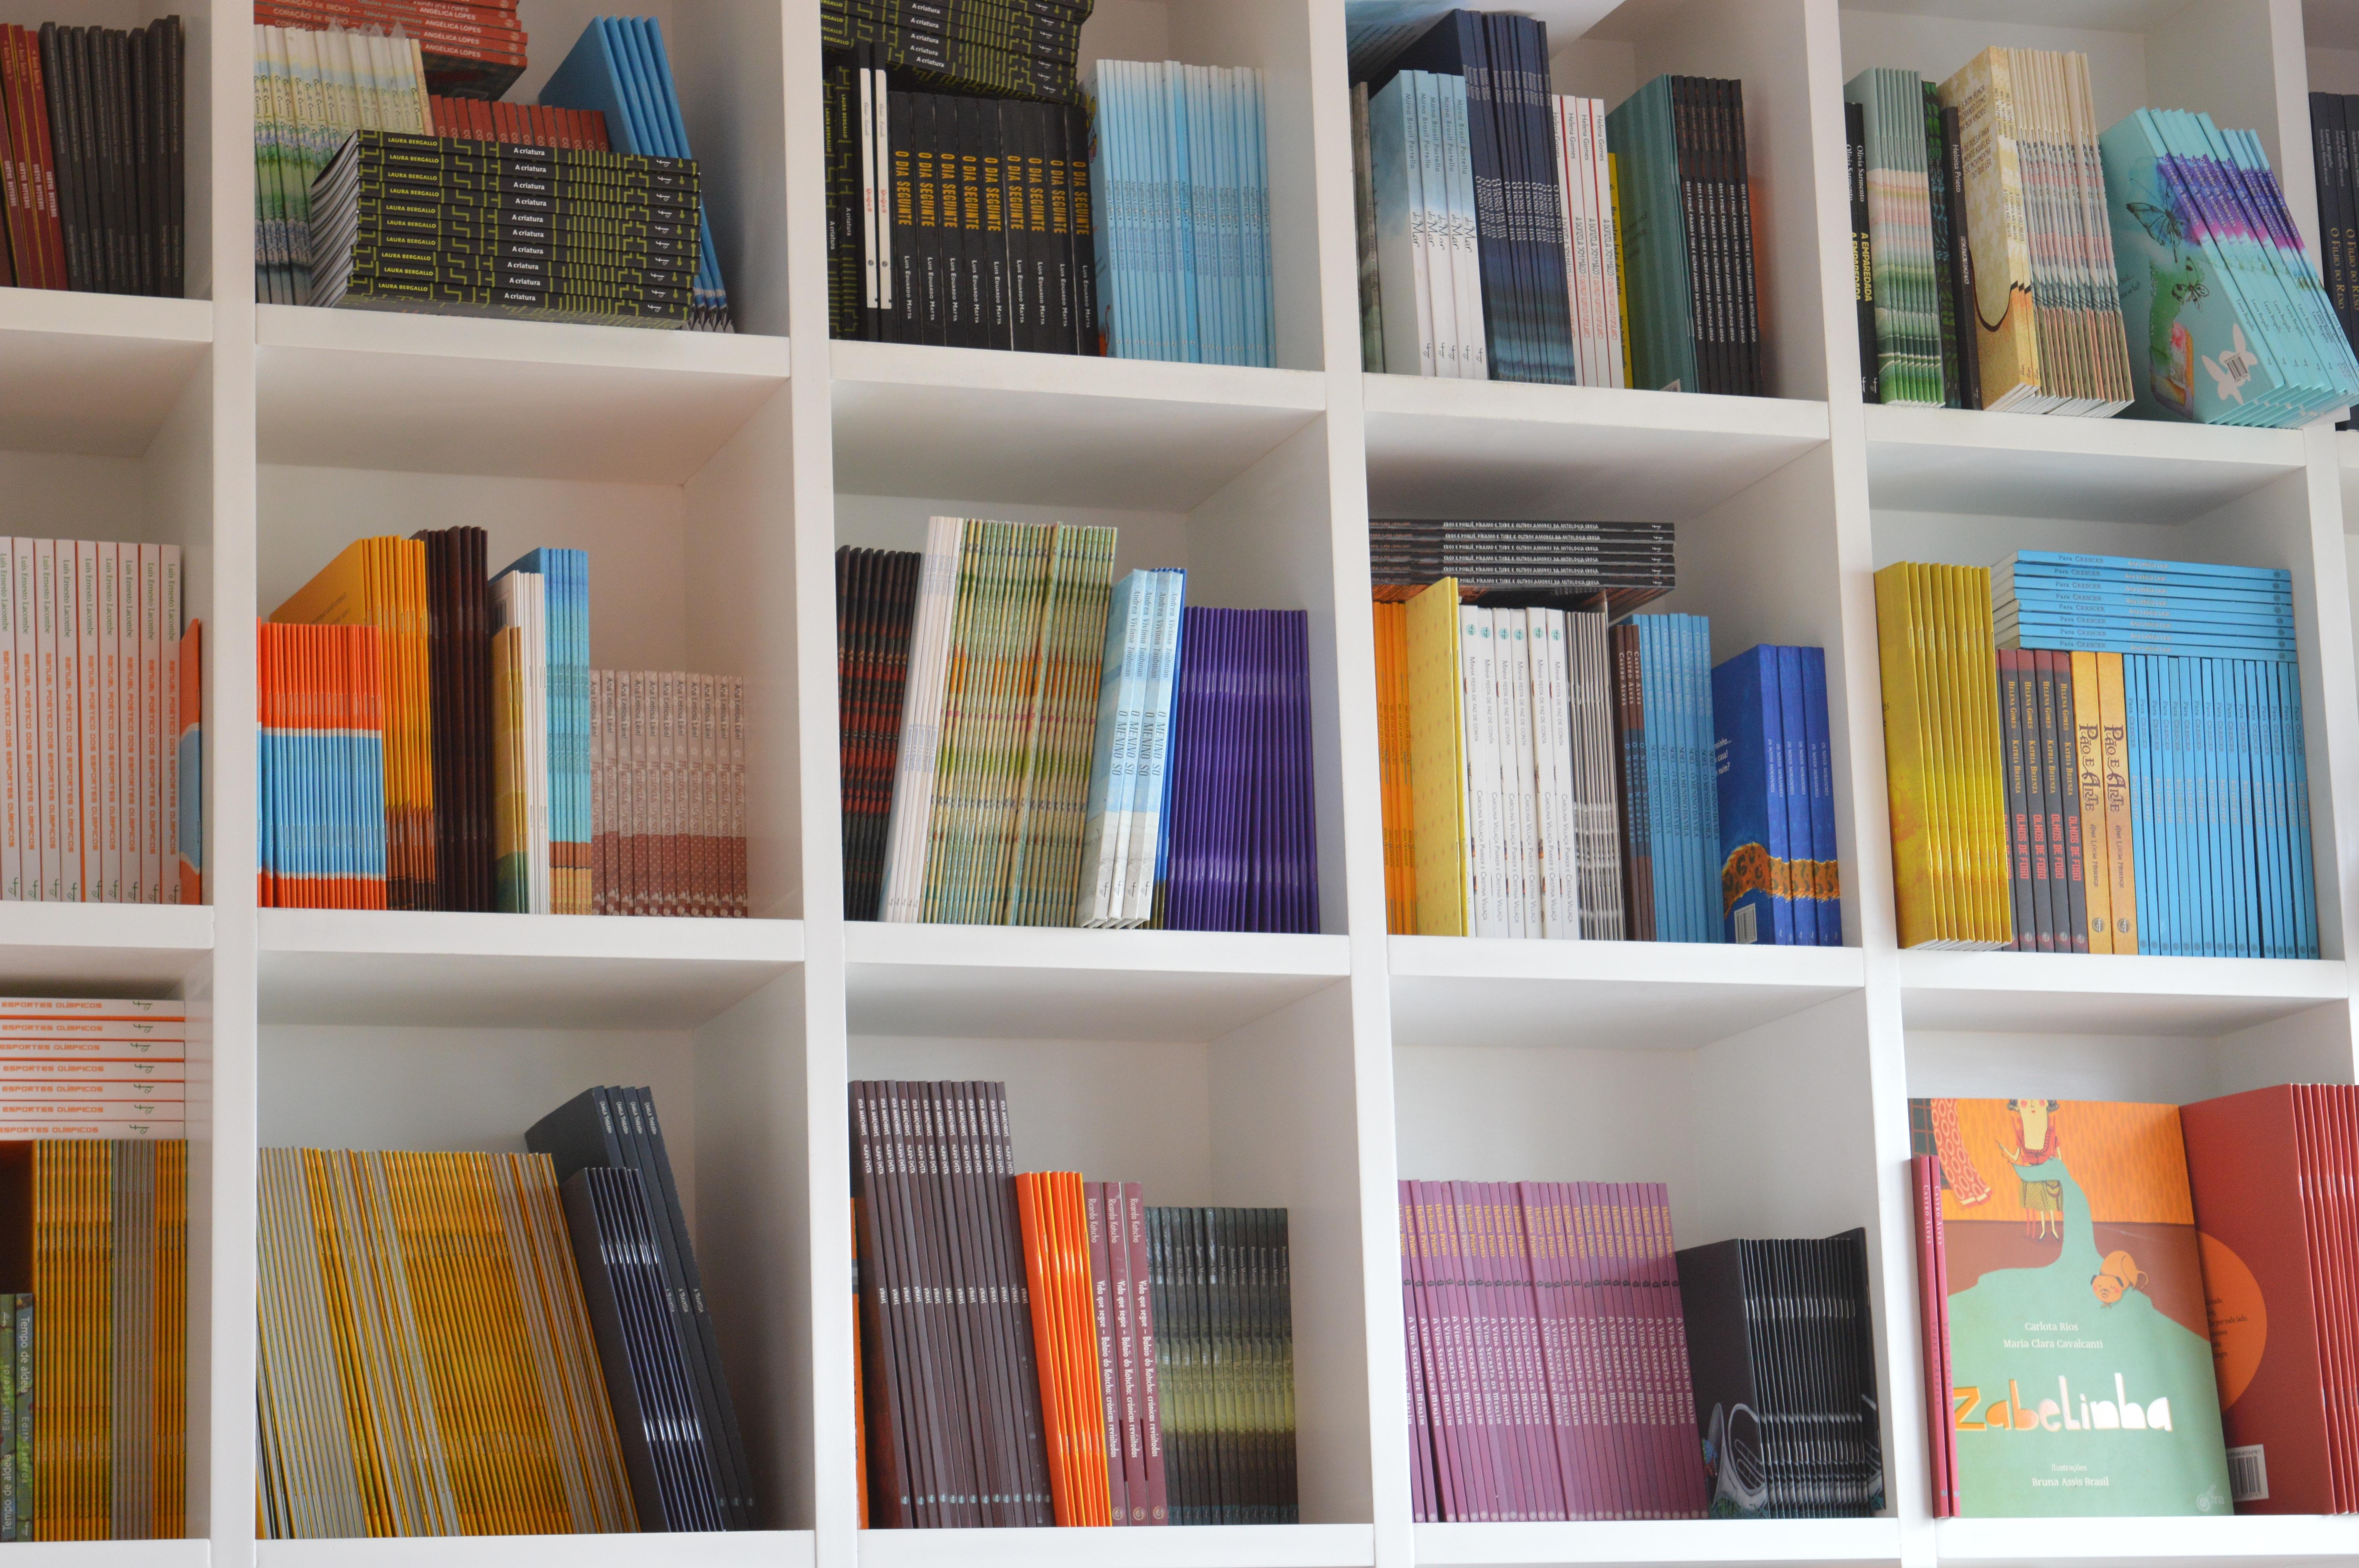 Gratis Afbeeldingen : plank, meubilair, kamer, bagage, boekenplank ...